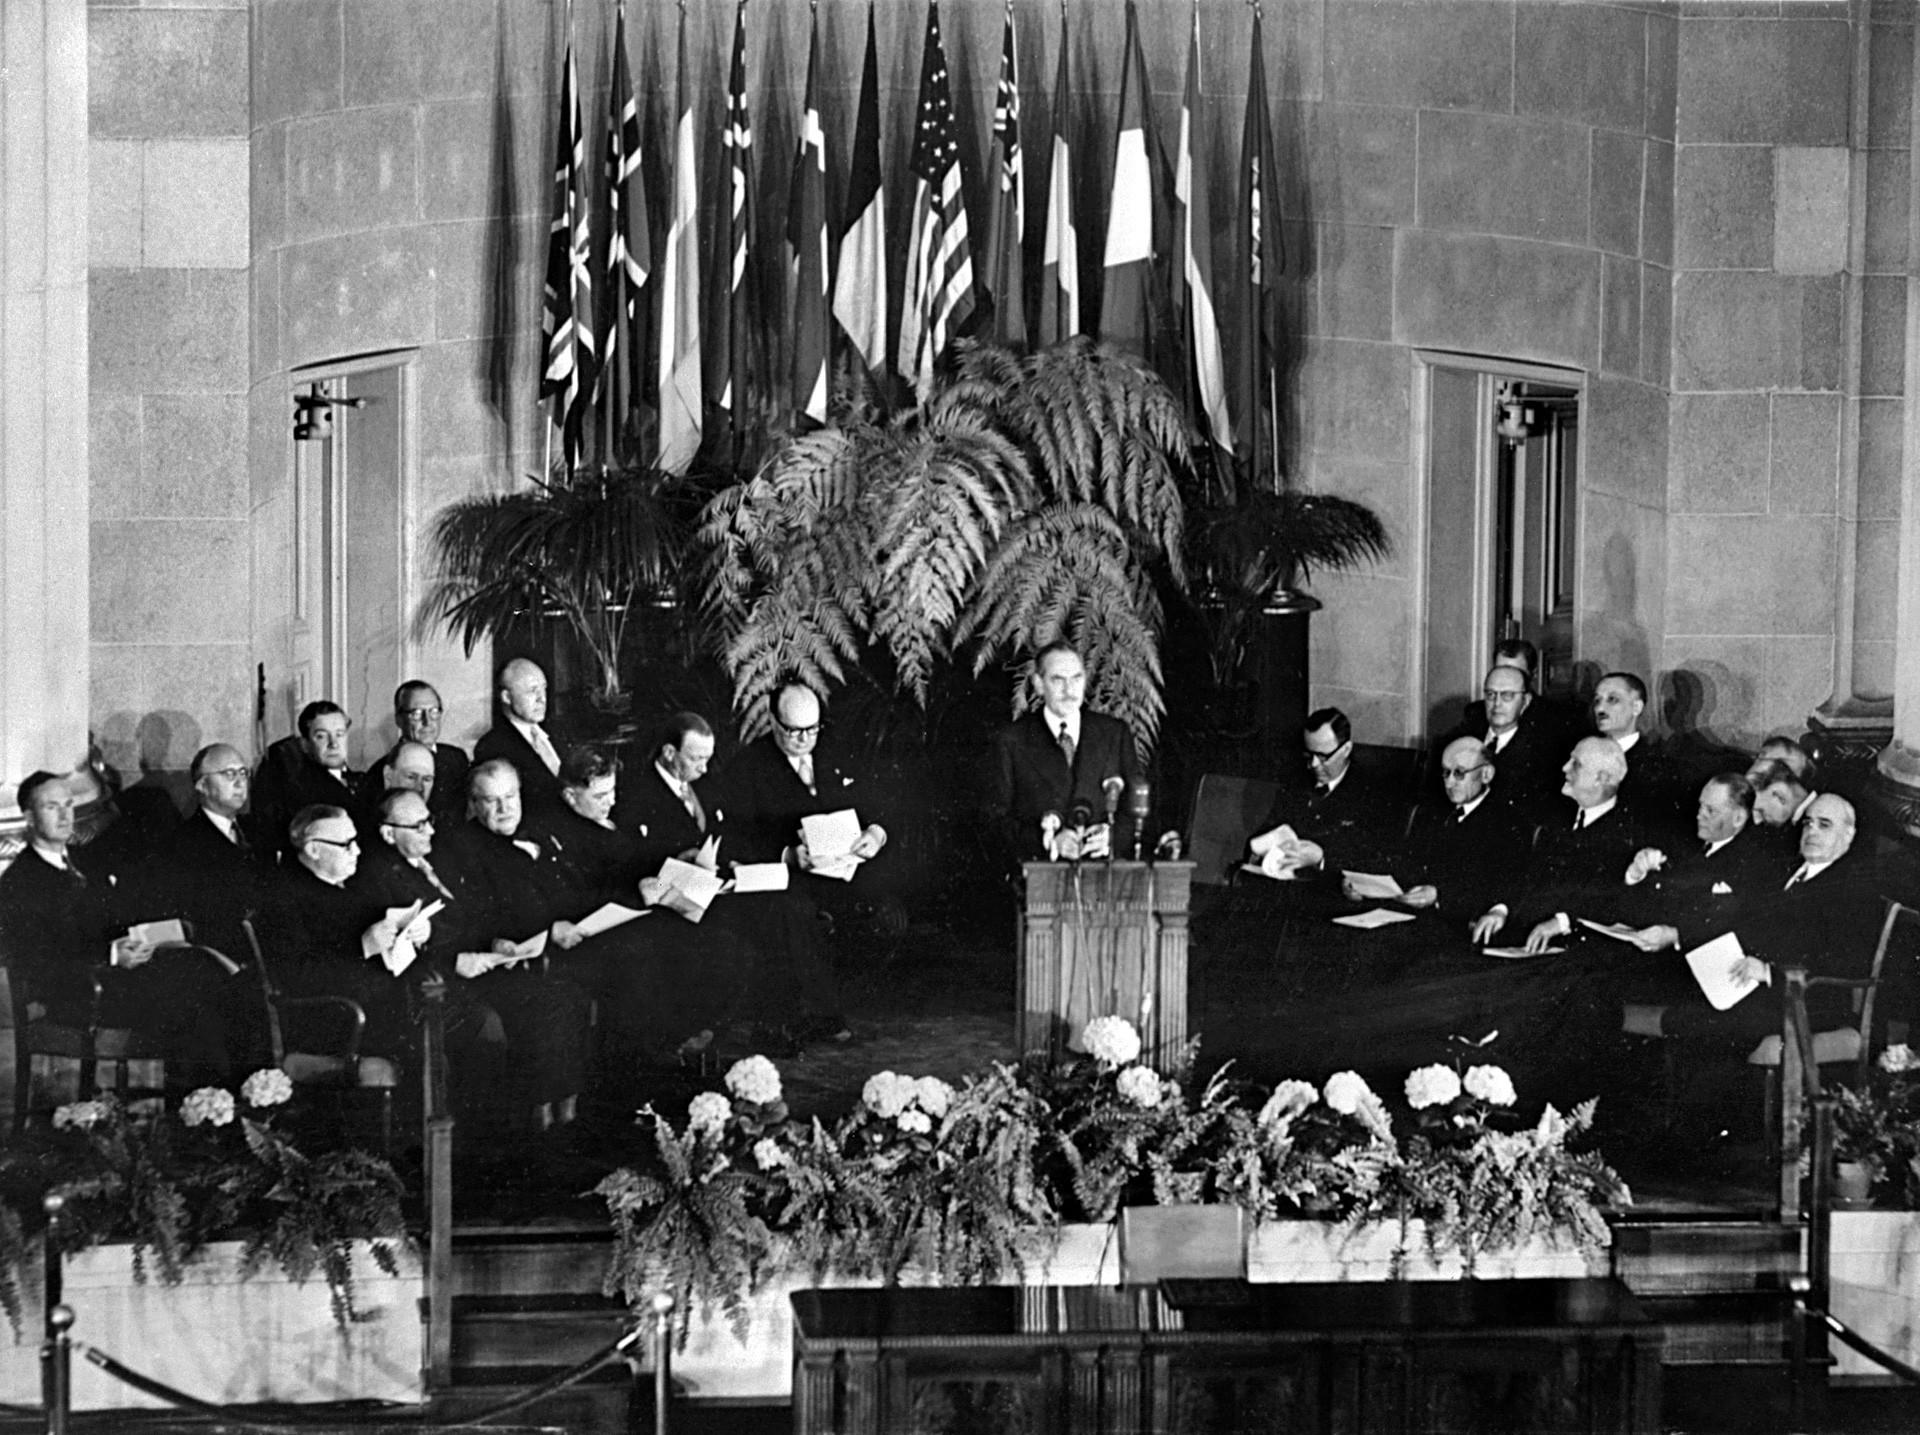 Službena ceremonija potpisivanja Sporazuma o formiranju Sjevernoatlantskog saveza (NATO) u Washingtonu 4. travanj1949. godine.